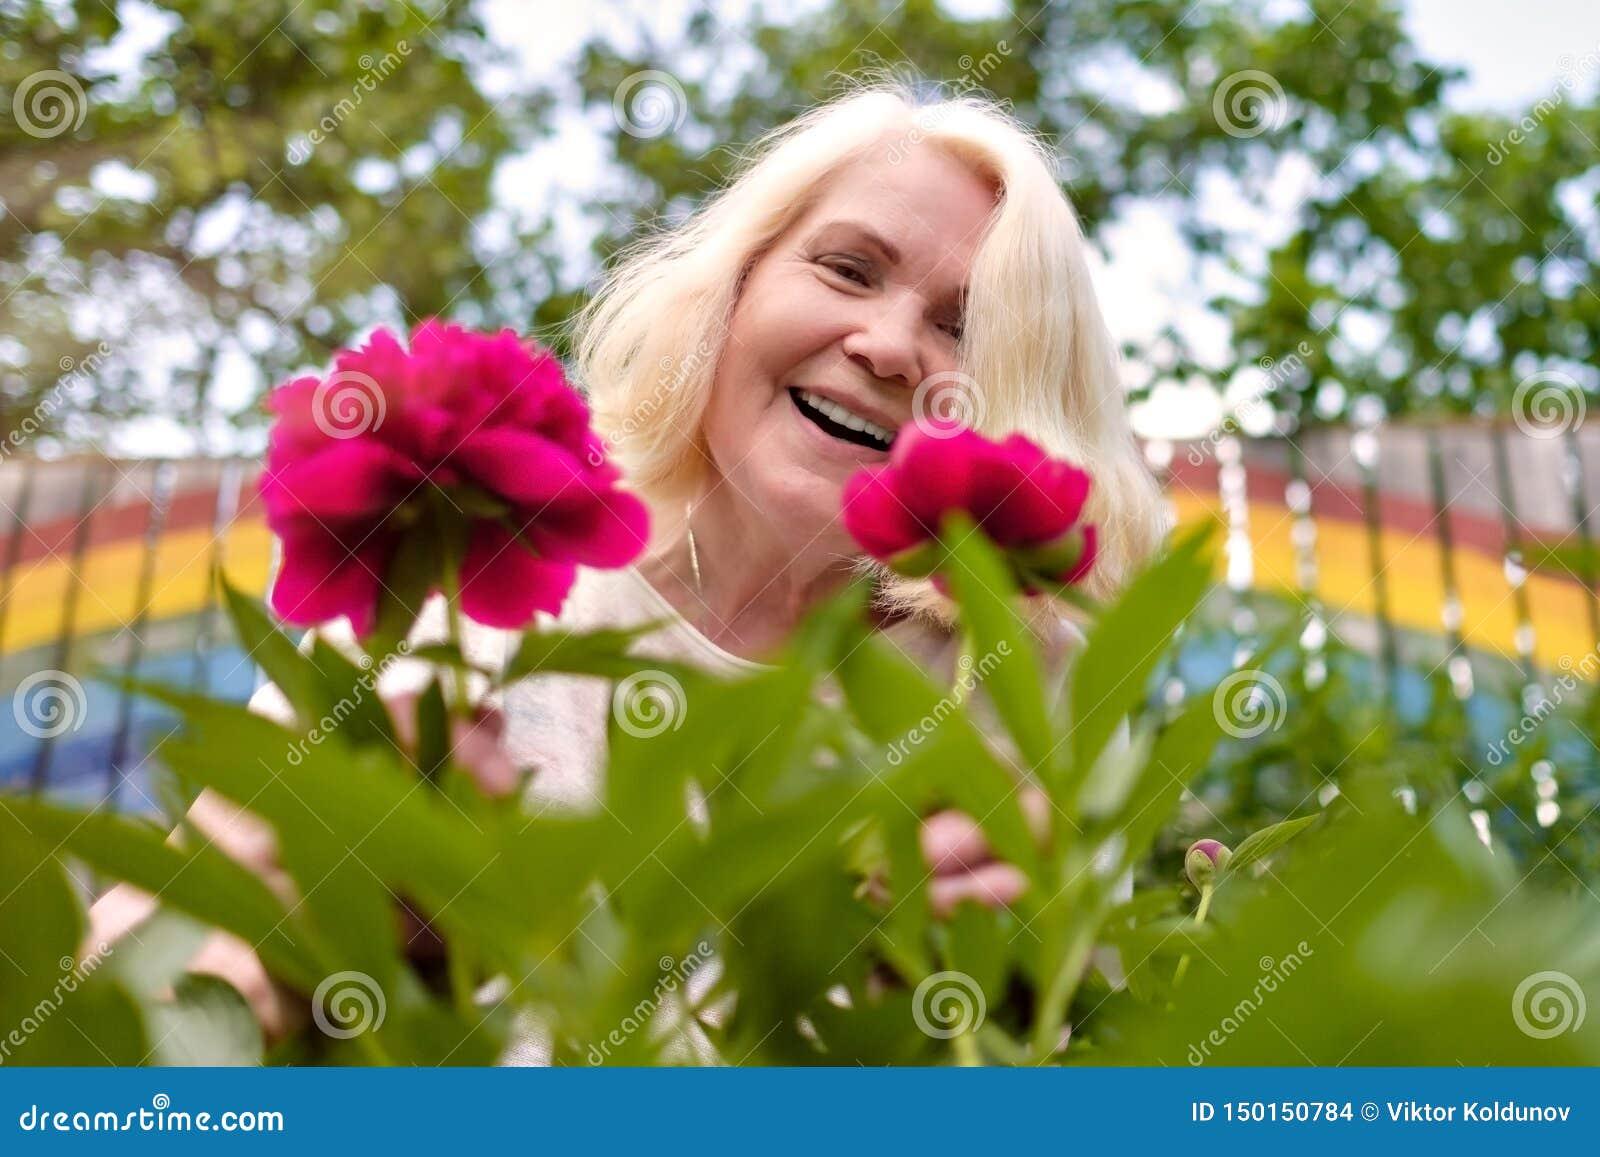 Ευτυχής ανώτερη γυναίκα με τα λουλούδια που ανθίζουν στο θερινό κήπο